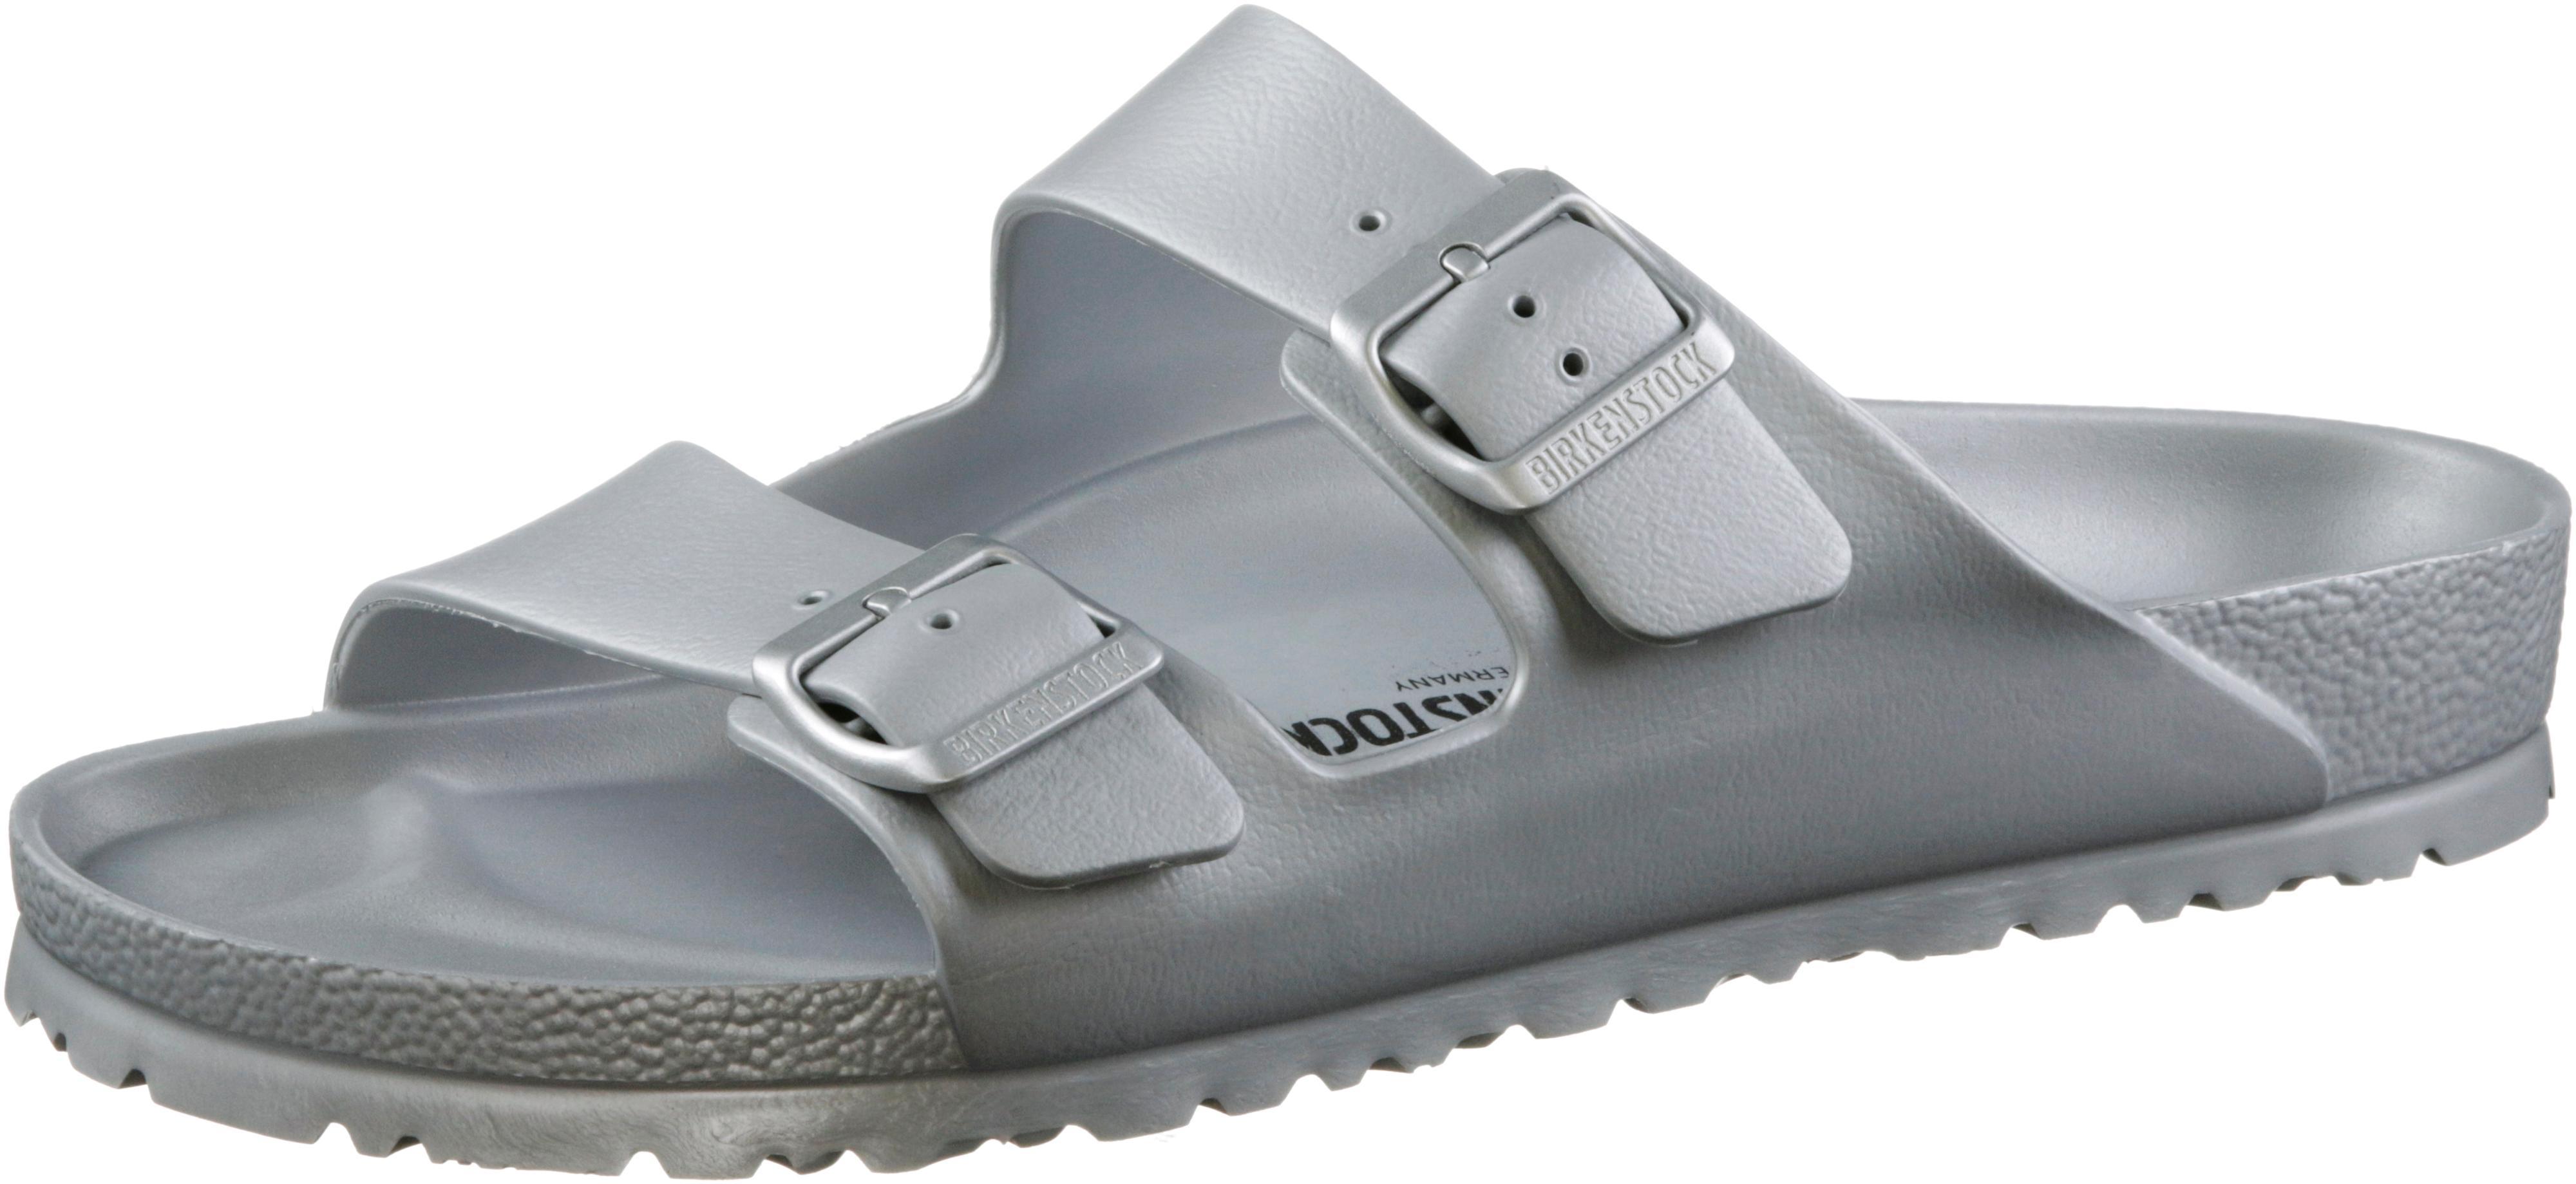 huge discount 468f4 acbb3 Birkenstock Arizona EVA Sandalen Herren grau im Online Shop von SportScheck  kaufen